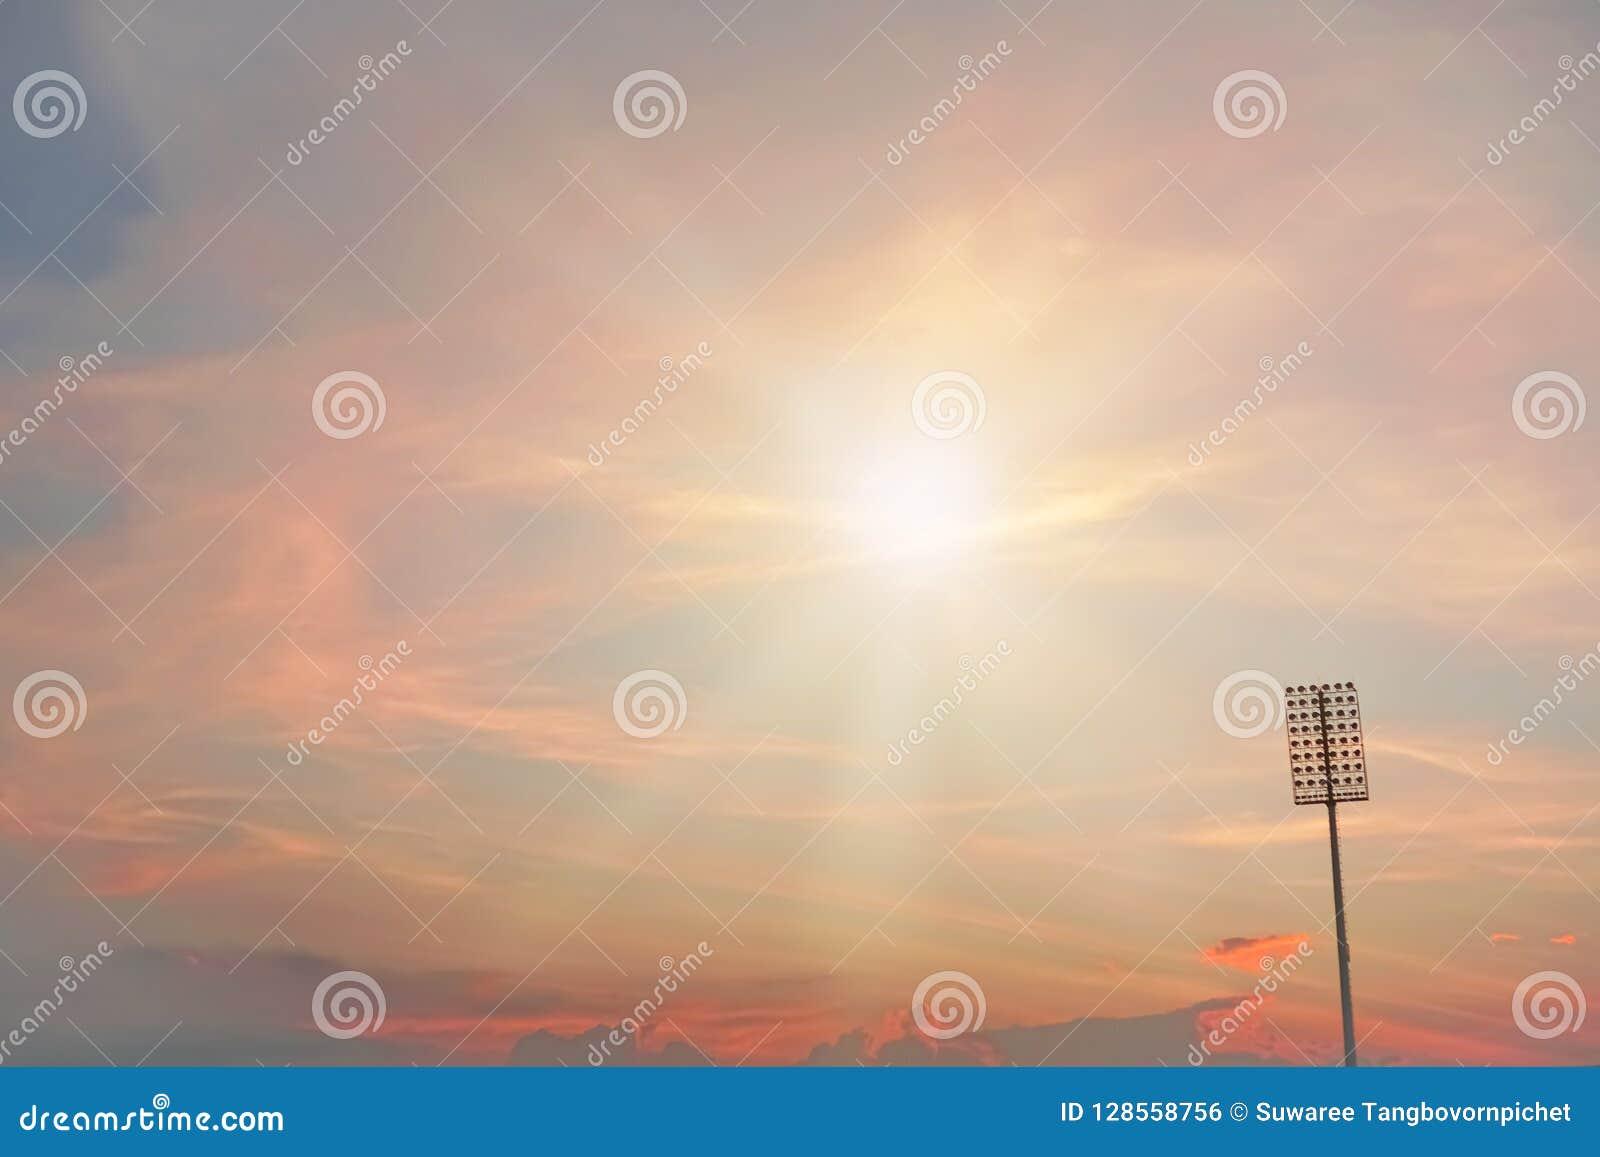 Stadionverlichting op schemering kleurrijke hemel